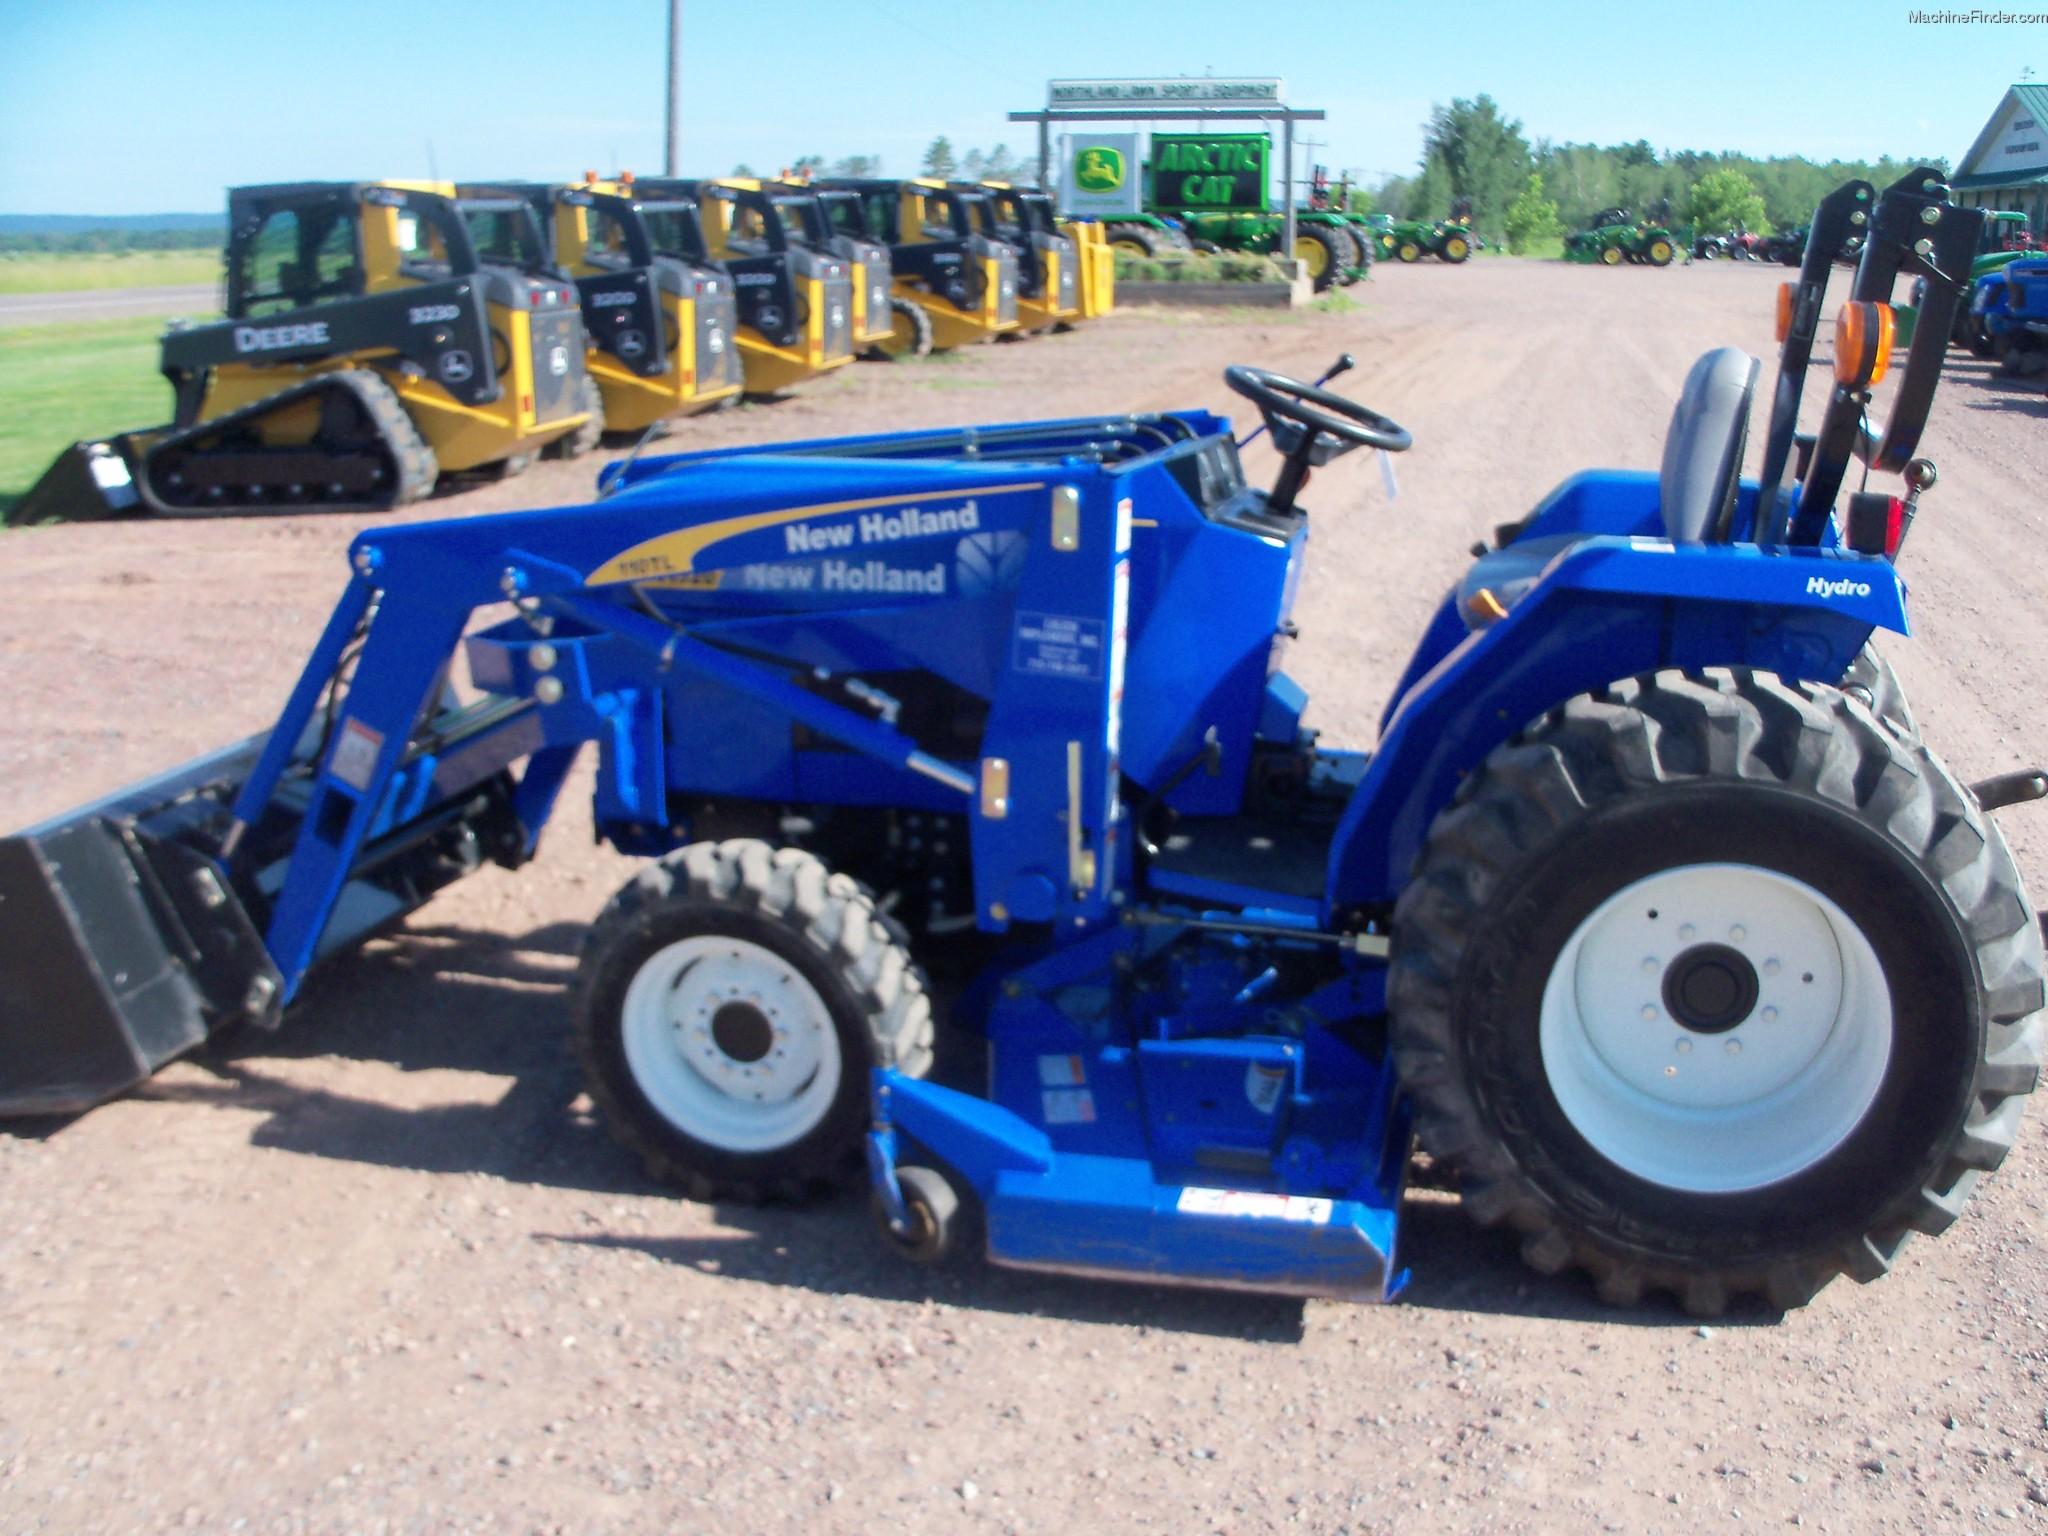 New Holland Compact Tractors Parts : New holland t tractors compact hp john